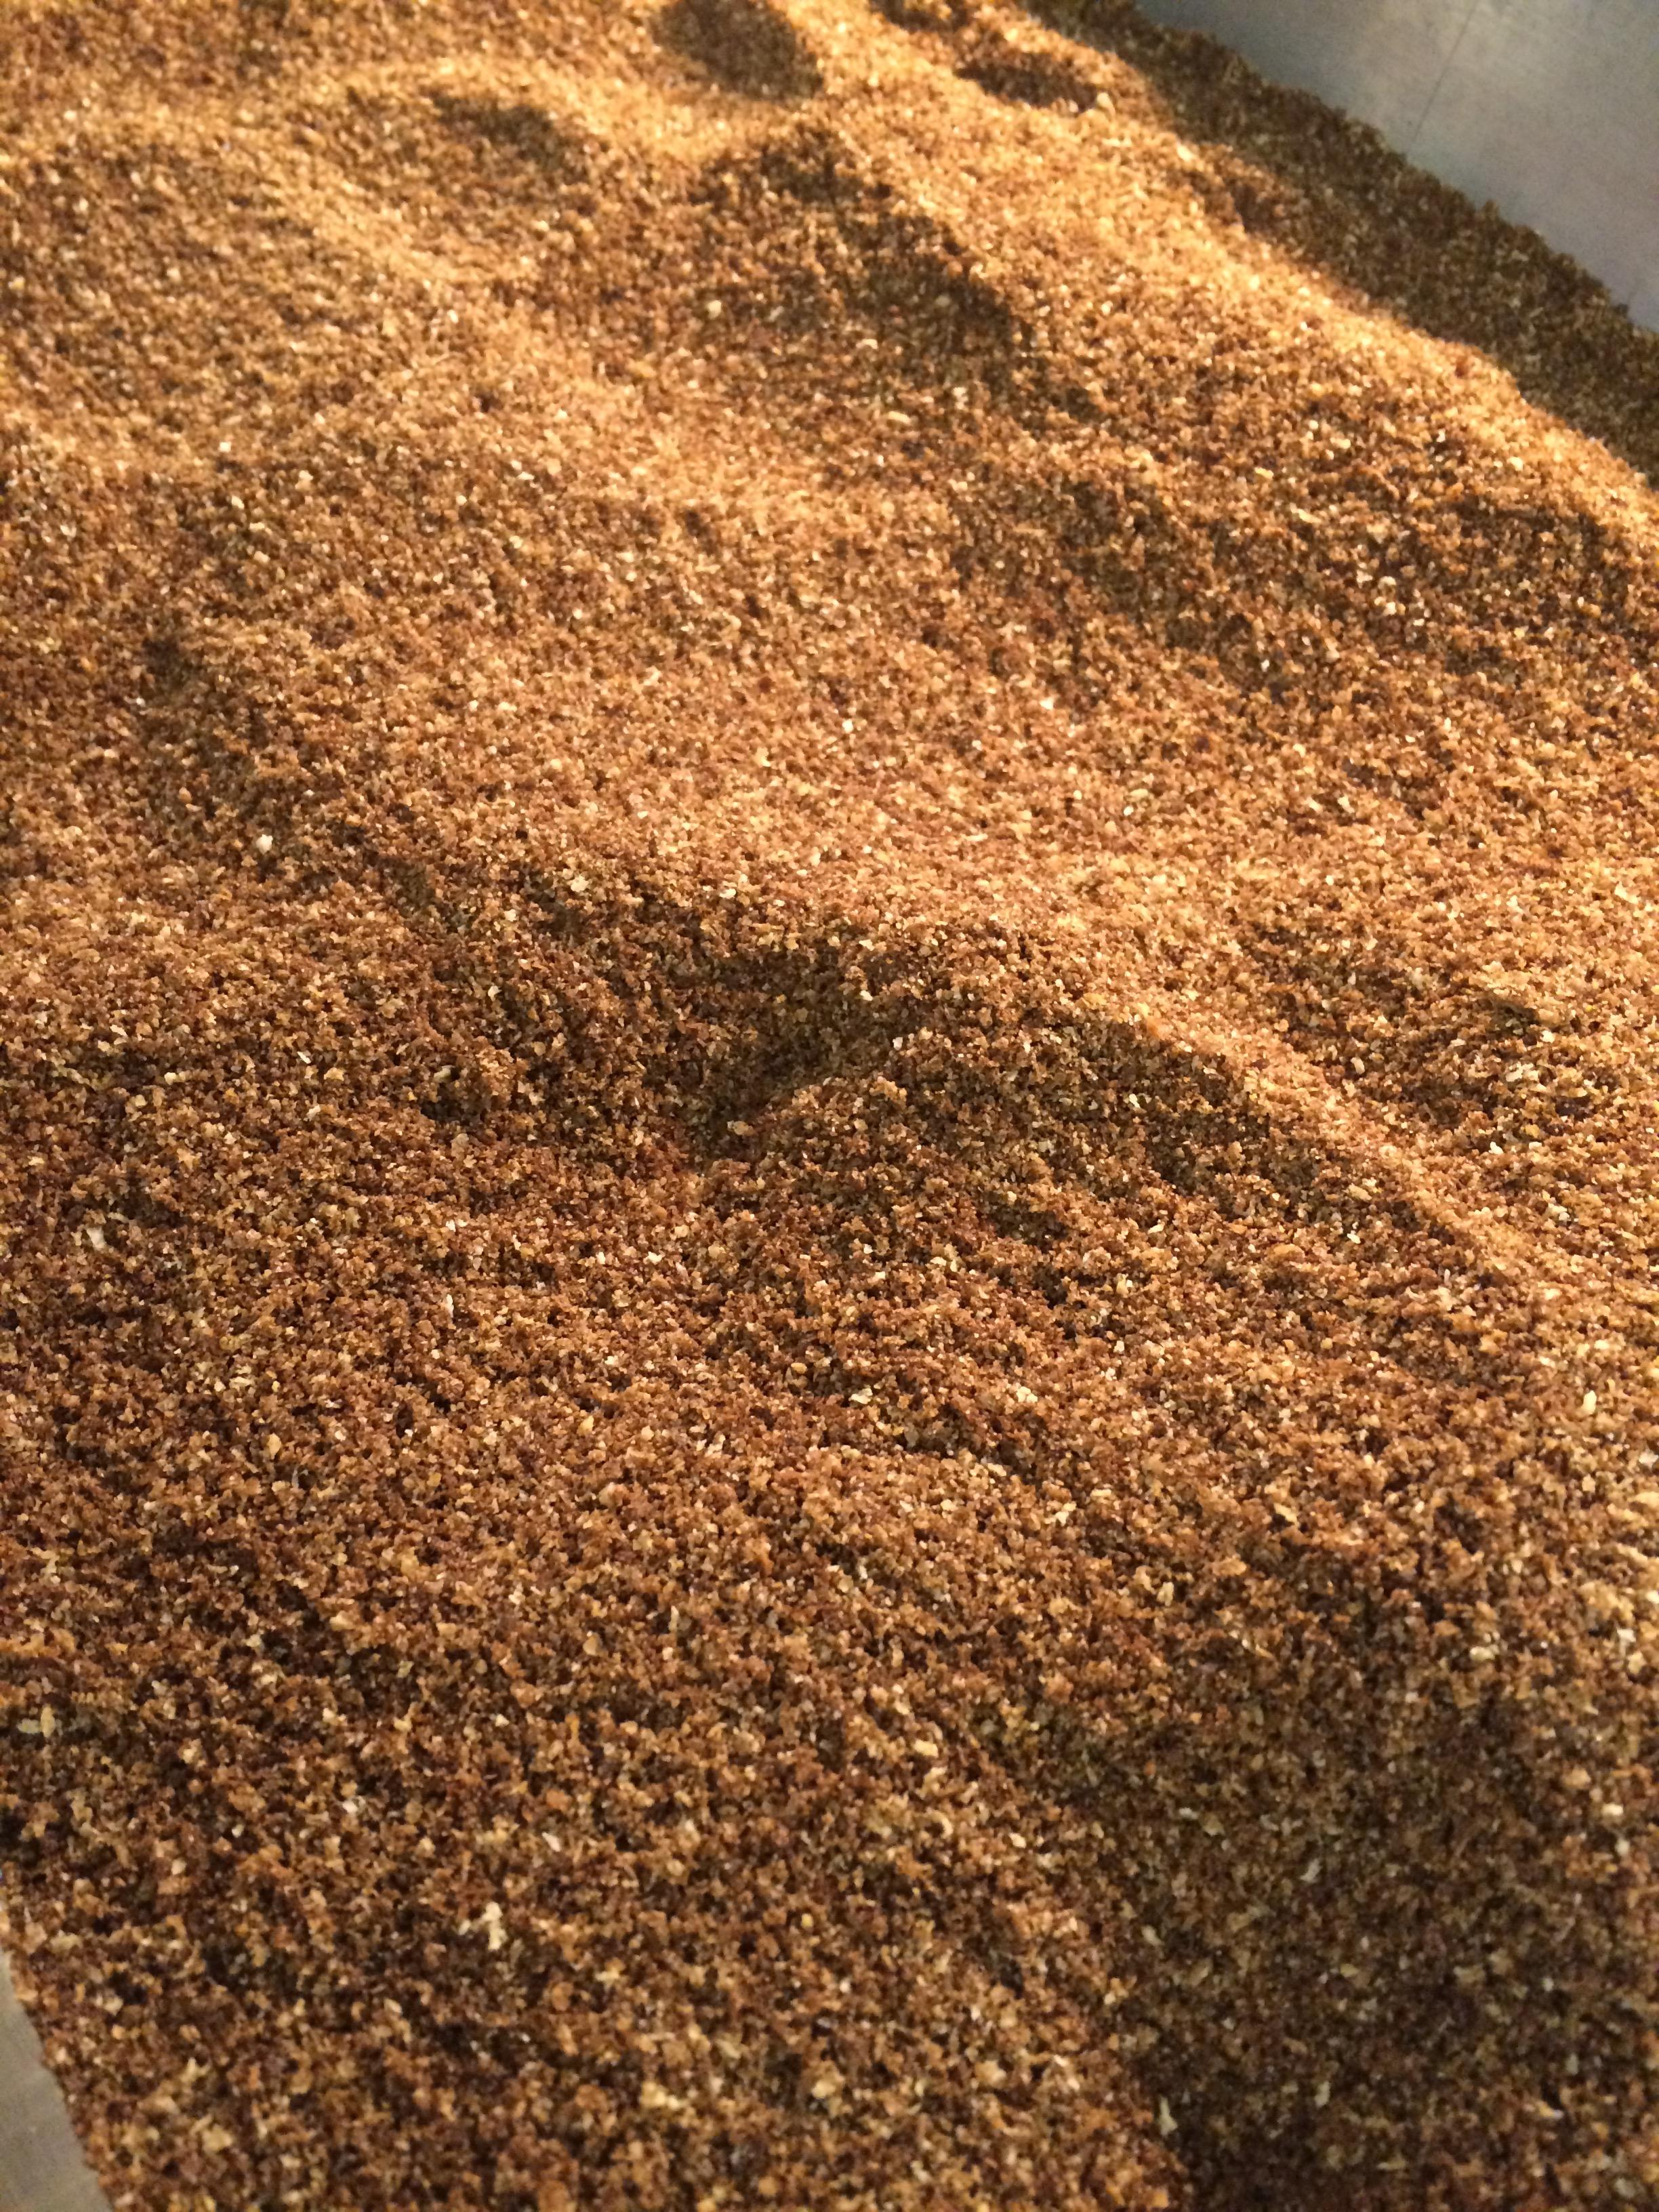 Rye and Pumpernickel Bread Crumbs